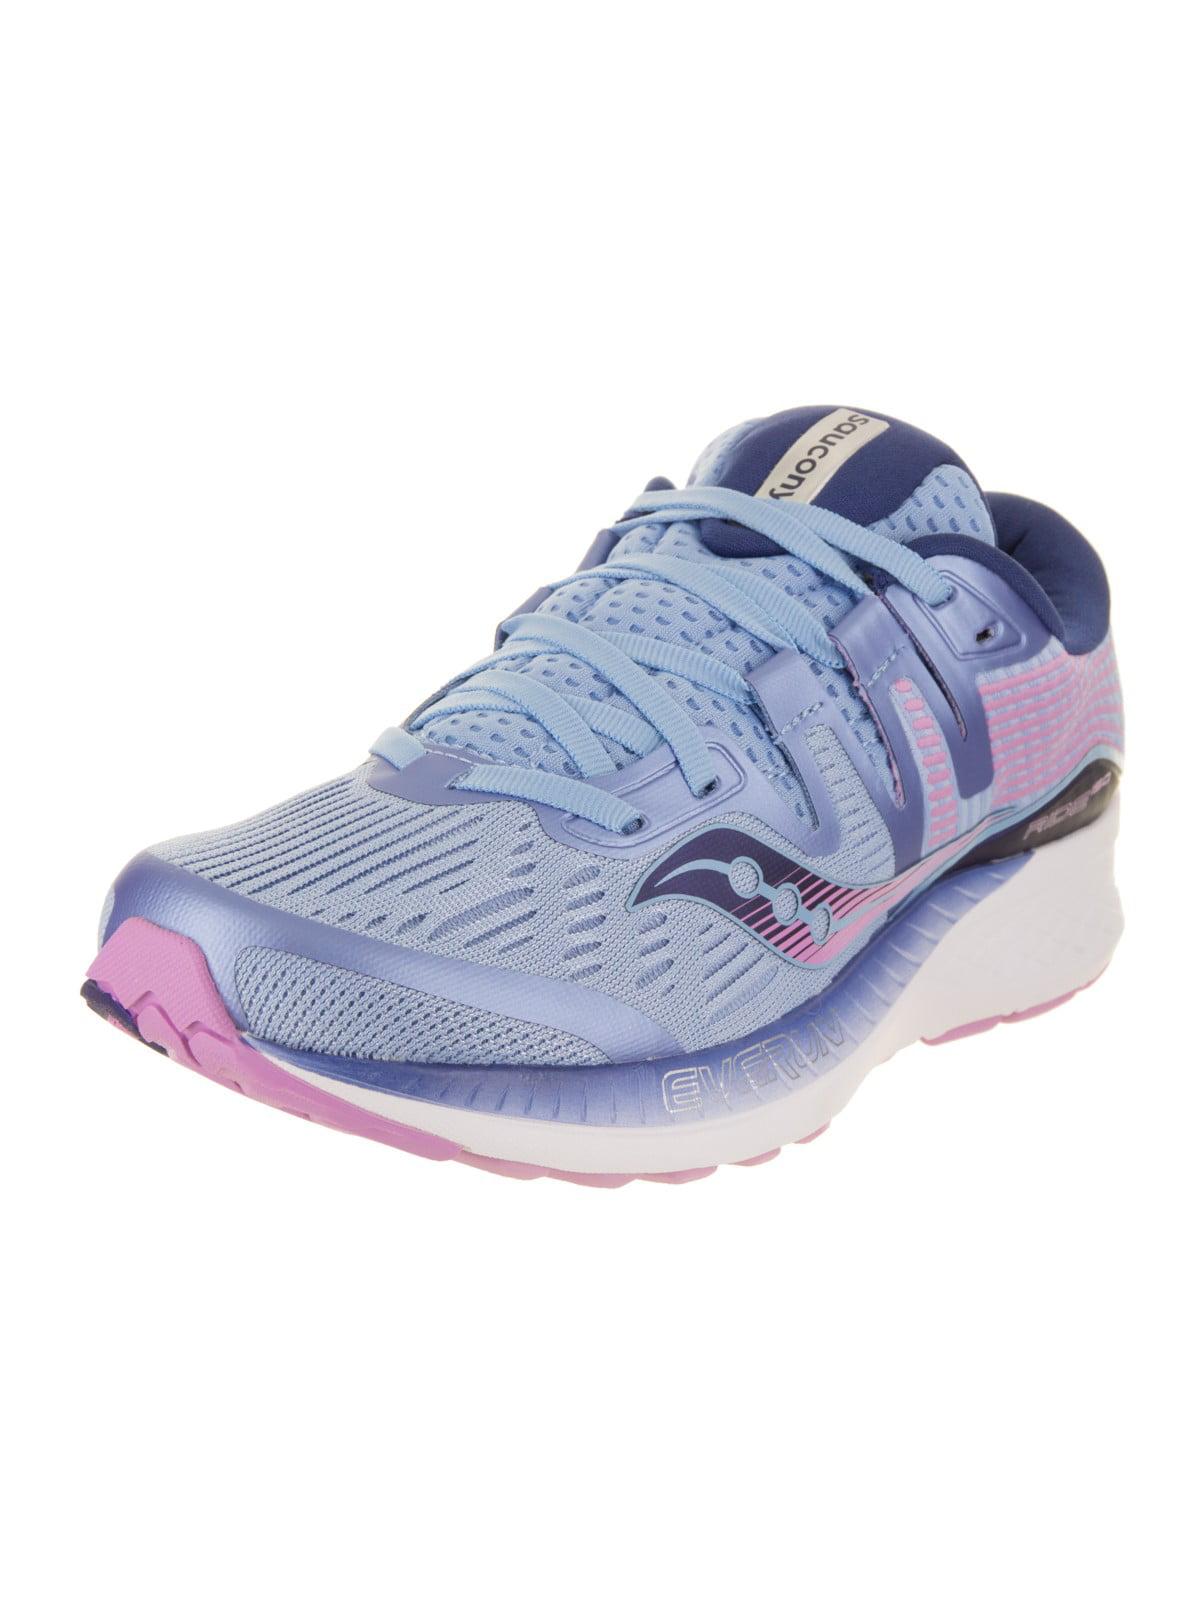 Saucony Women's Ride ISO Running Shoe